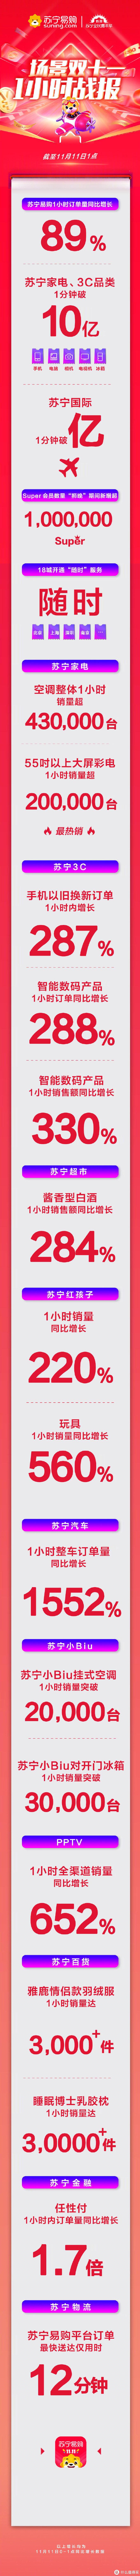 苏宁易购公布双十一1小时战报,订单量同比增长89%